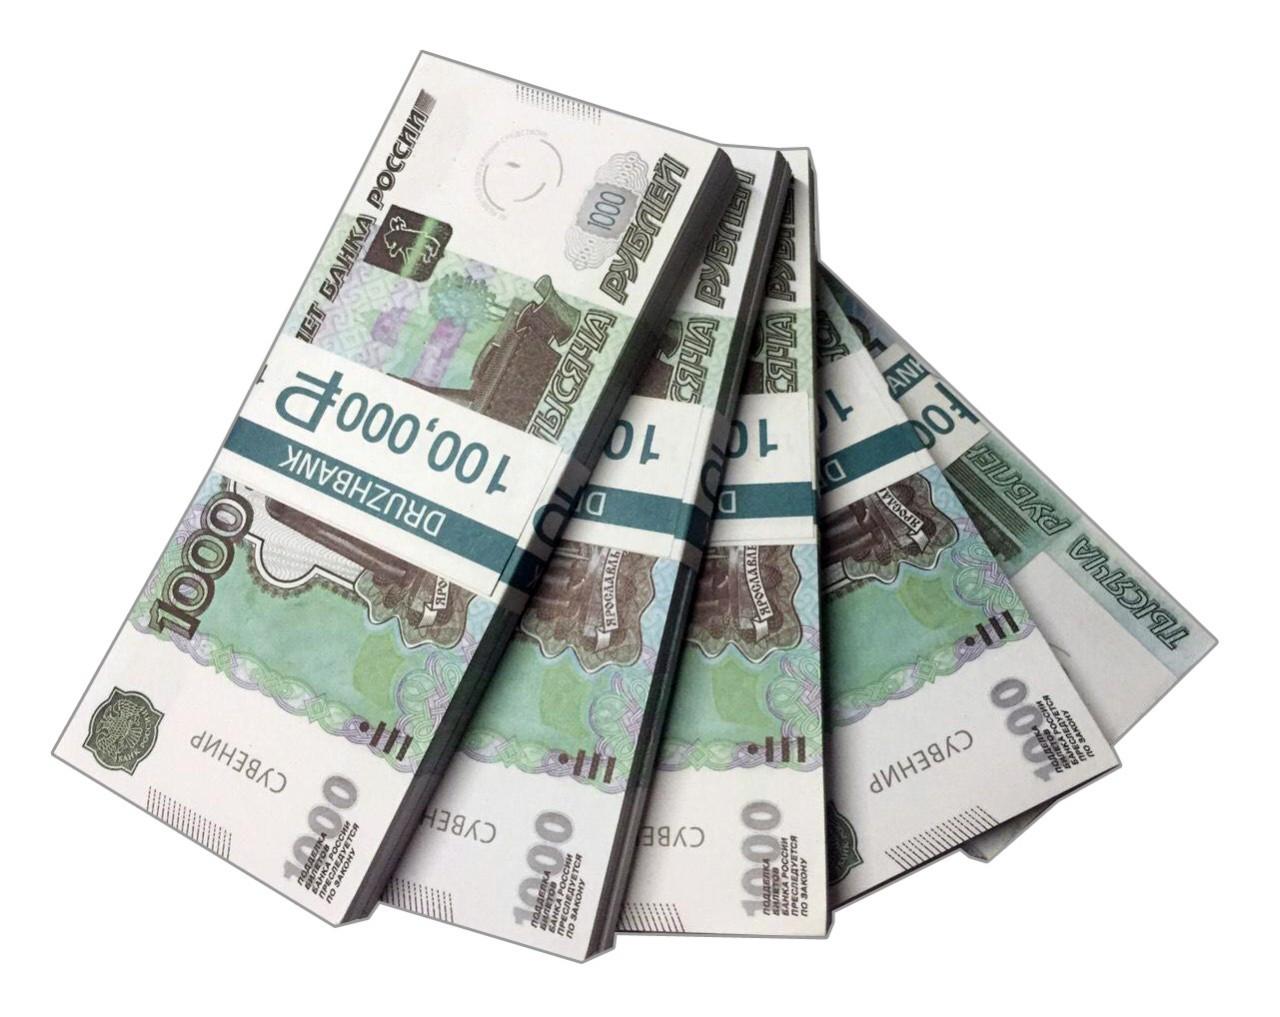 """Деньги сувенирные """"1000 Рублей"""" (100,000₽) пачка денег"""